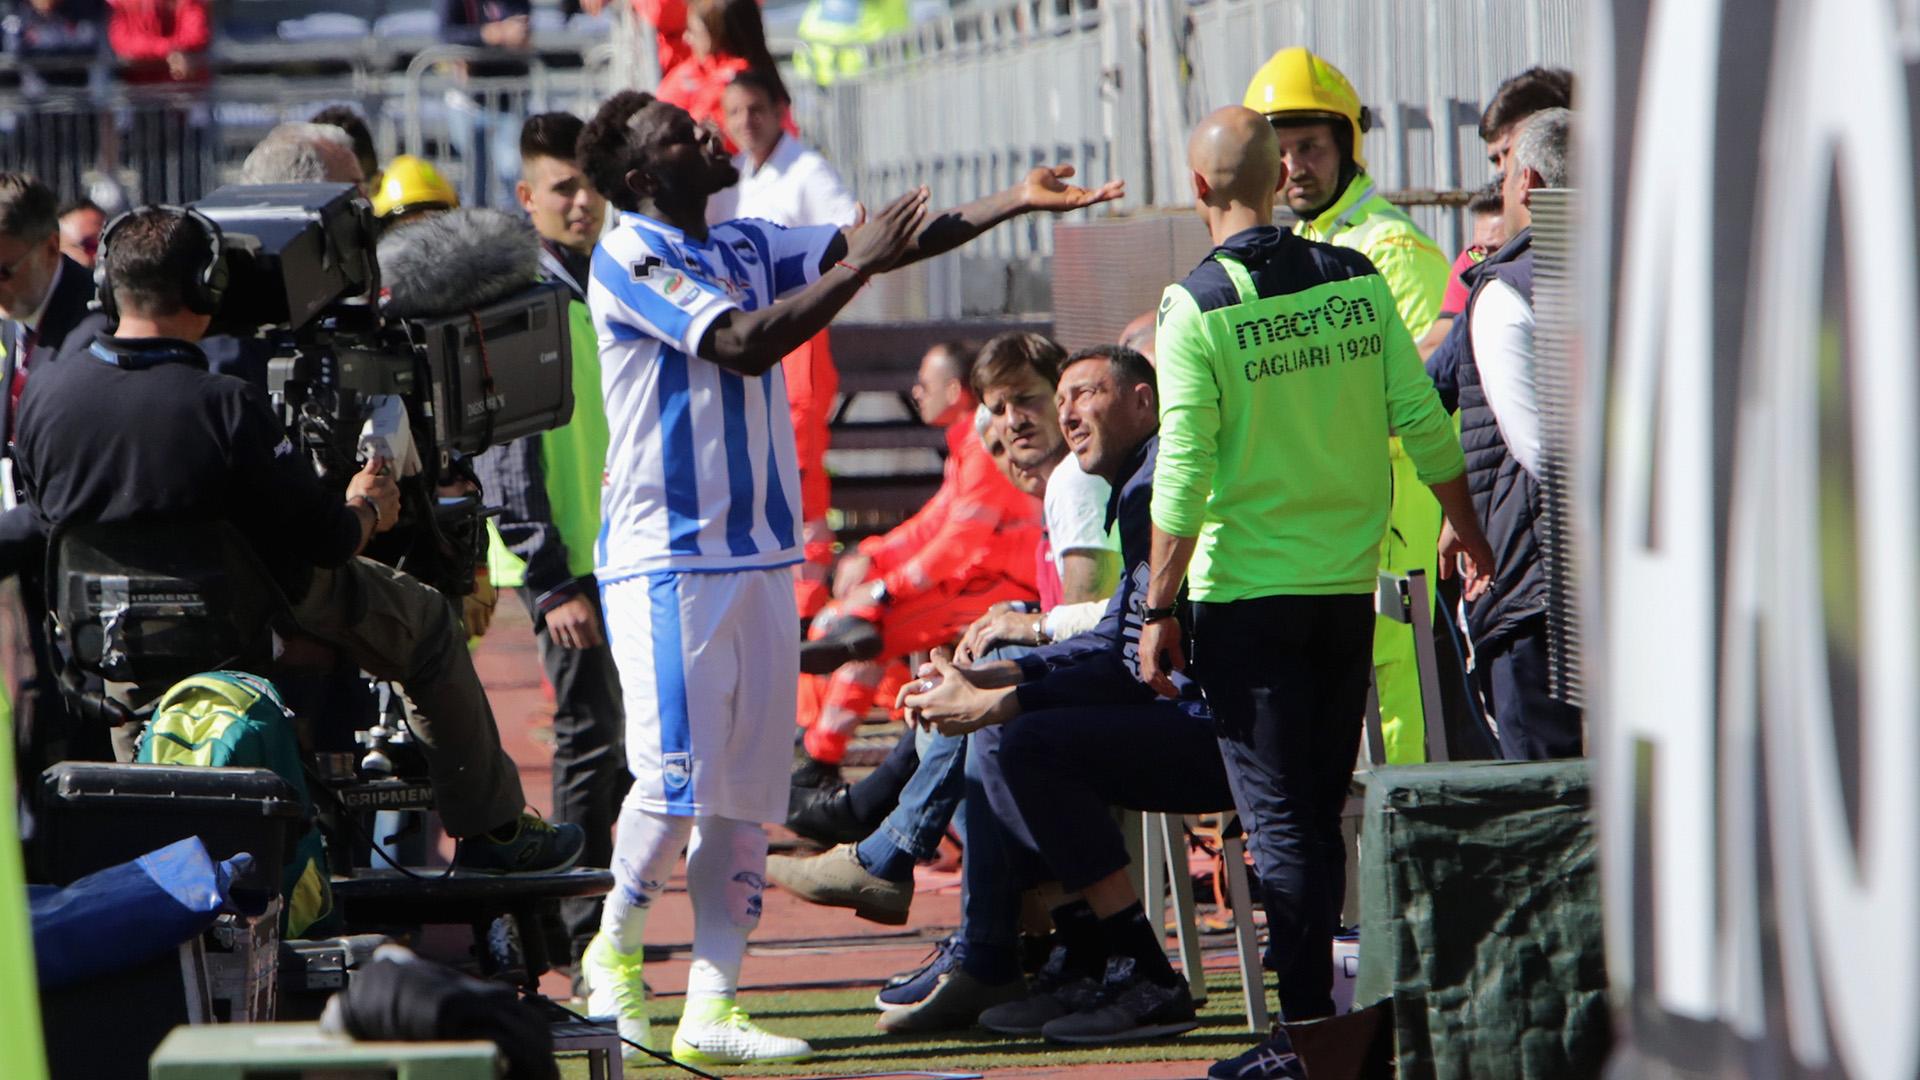 Cagliari-Pescara, cori razzisti contro Muntari: il ghanese abbandona il campo